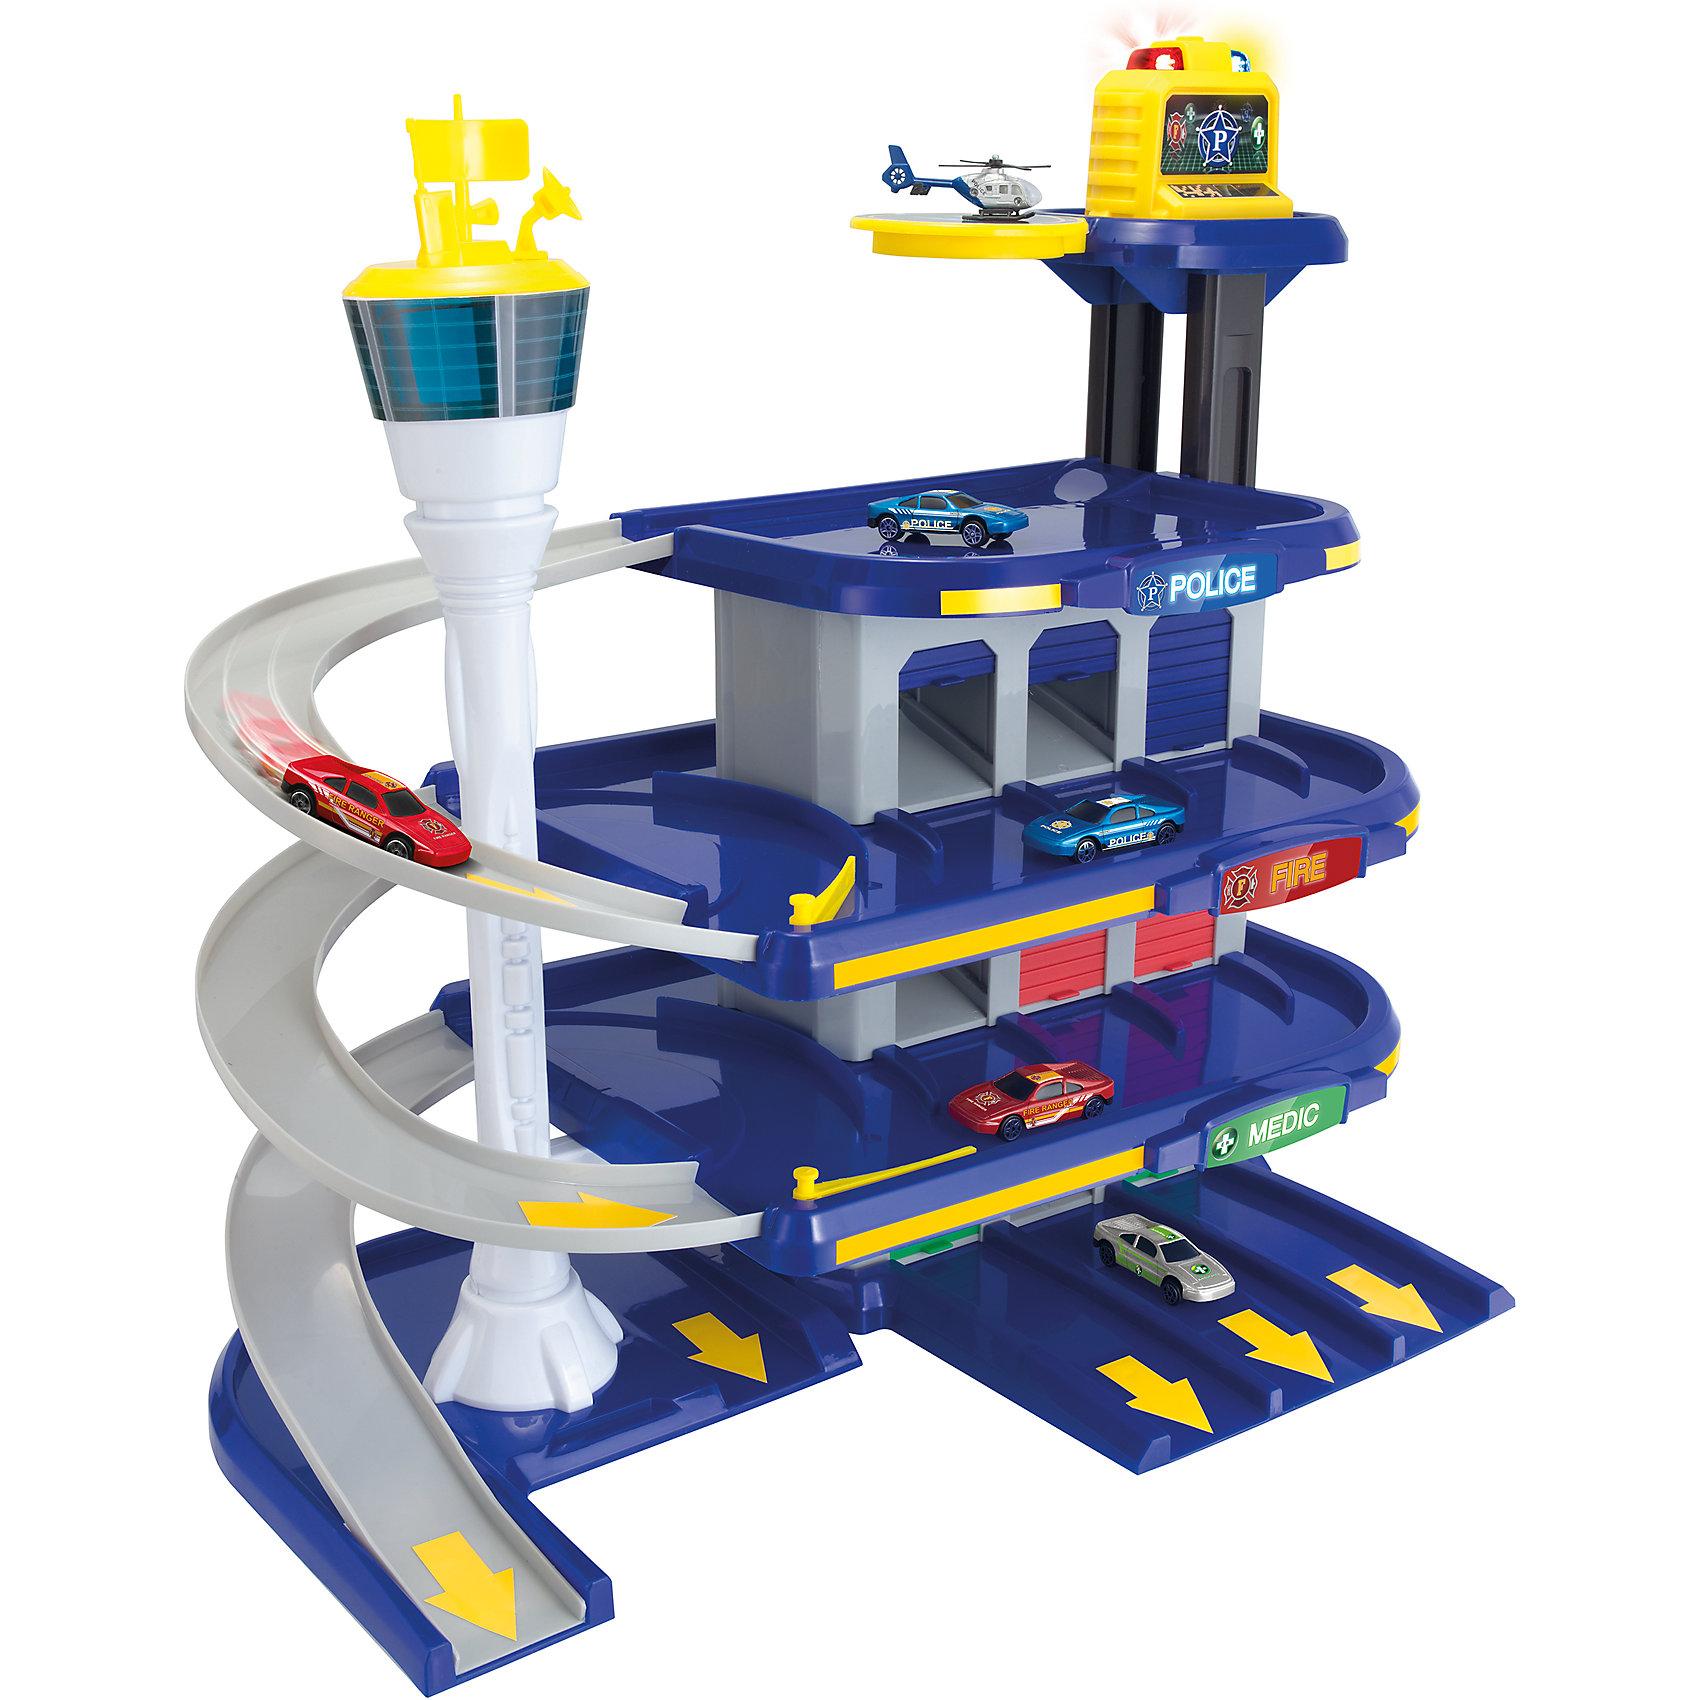 Центр спасательной службы, TeamsterzИгровые наборы<br>Центр спасательной службы, Teamsterz<br><br>Характеристики:<br><br>• Возраст: от 3 лет<br>• Материал: пластмасса, металл<br>• Высота парковки: 60 см<br>• Батарейки: 3хАА<br>• В комплекте: парковка, 2 машинки<br><br>Игровой набор центр спасательной службы поможет ребенку сделать игру в спасателей еще более увлекательной. На этой парковке можно разместить полицию, пожарную службу и скорую помощь. У парковки есть вертолетная площадка и световые эффекты, которые помогут сориентироваться в темноте. В комплект входят две машинки.<br><br>Центр спасательной службы, Teamsterz можно купить в нашем интернет-магазине.<br><br>Ширина мм: 610<br>Глубина мм: 490<br>Высота мм: 135<br>Вес г: 2100<br>Возраст от месяцев: 36<br>Возраст до месяцев: 168<br>Пол: Мужской<br>Возраст: Детский<br>SKU: 5427404